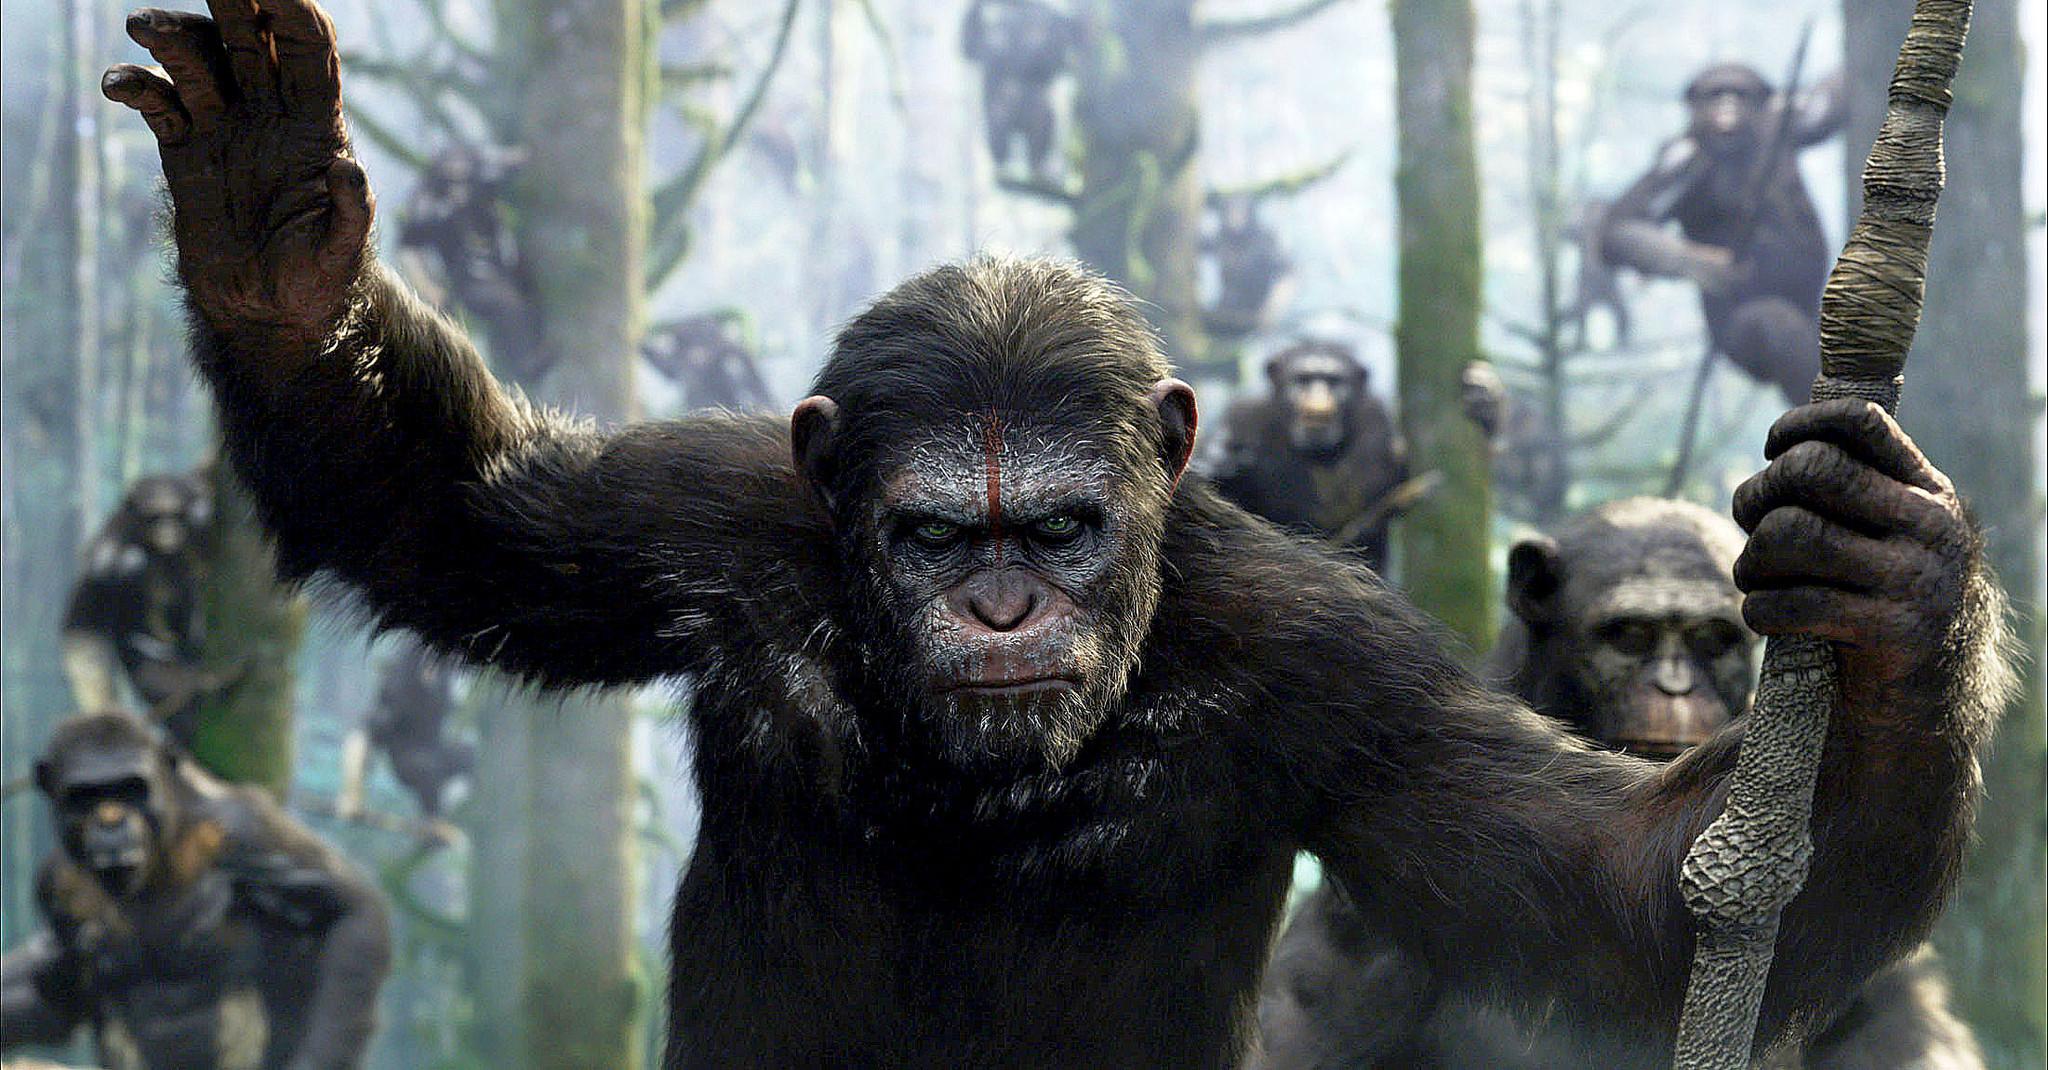 планета обезьян петр сальников виктор зуев отвратительные мужики disgusting men гид по планете обезьян